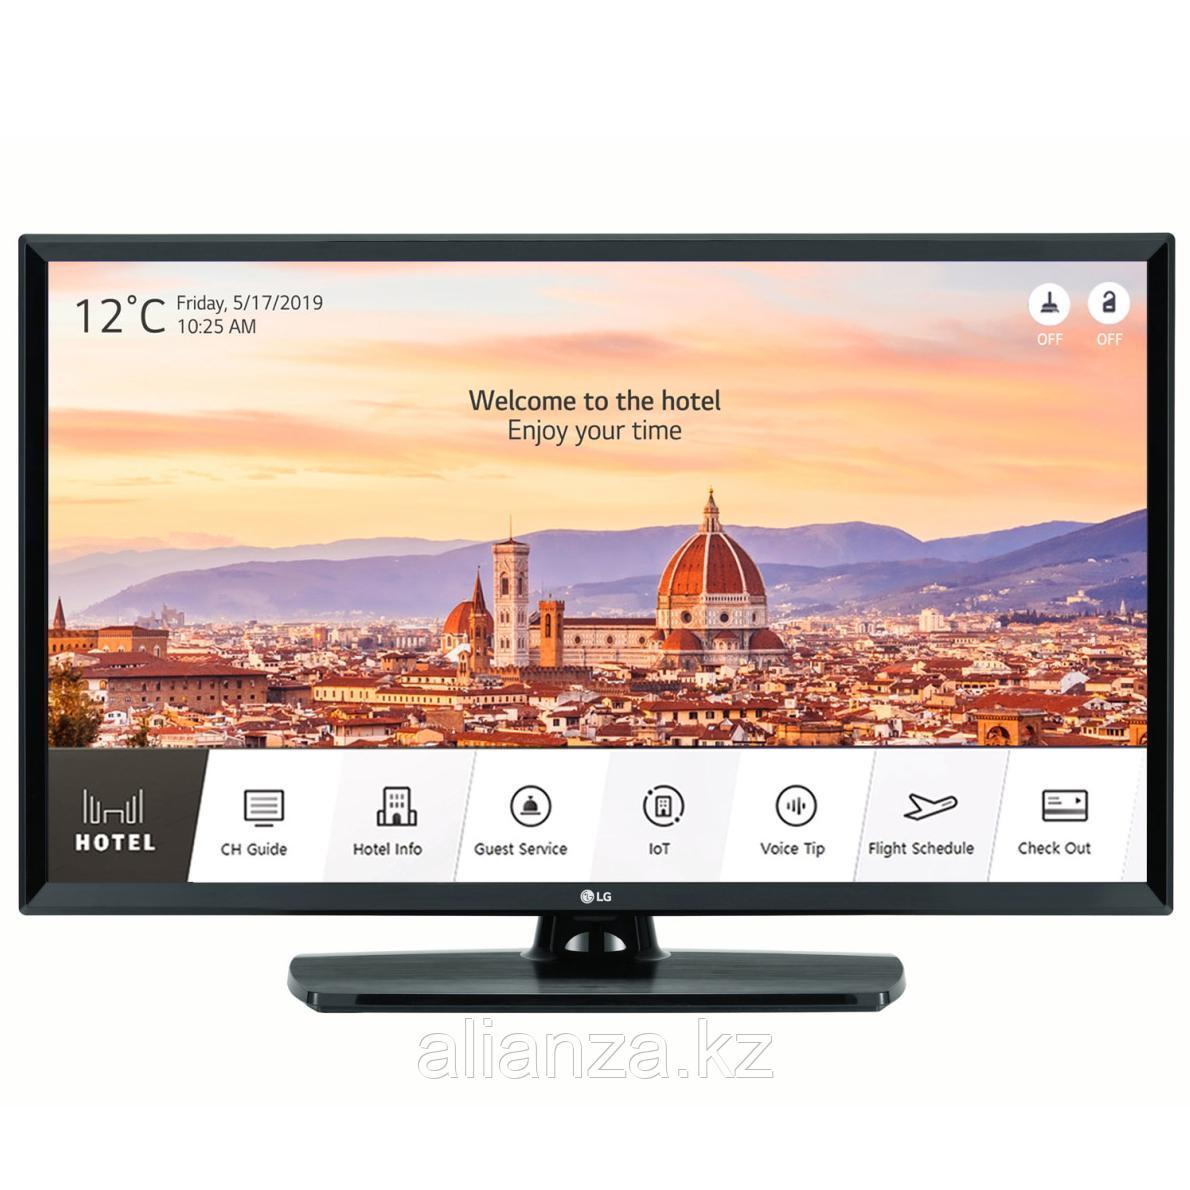 Гостиничный телевизор LG 32LT661HBZA